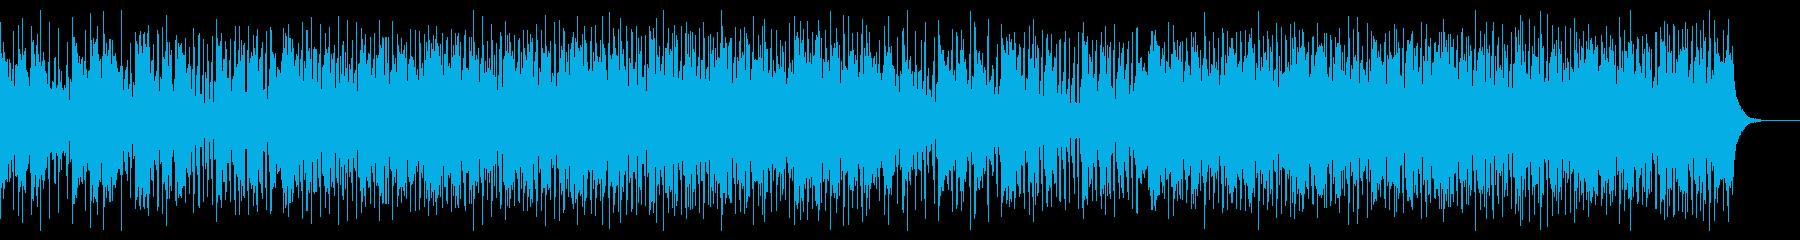 挑戦心をイメージしたコーポレート系BGMの再生済みの波形